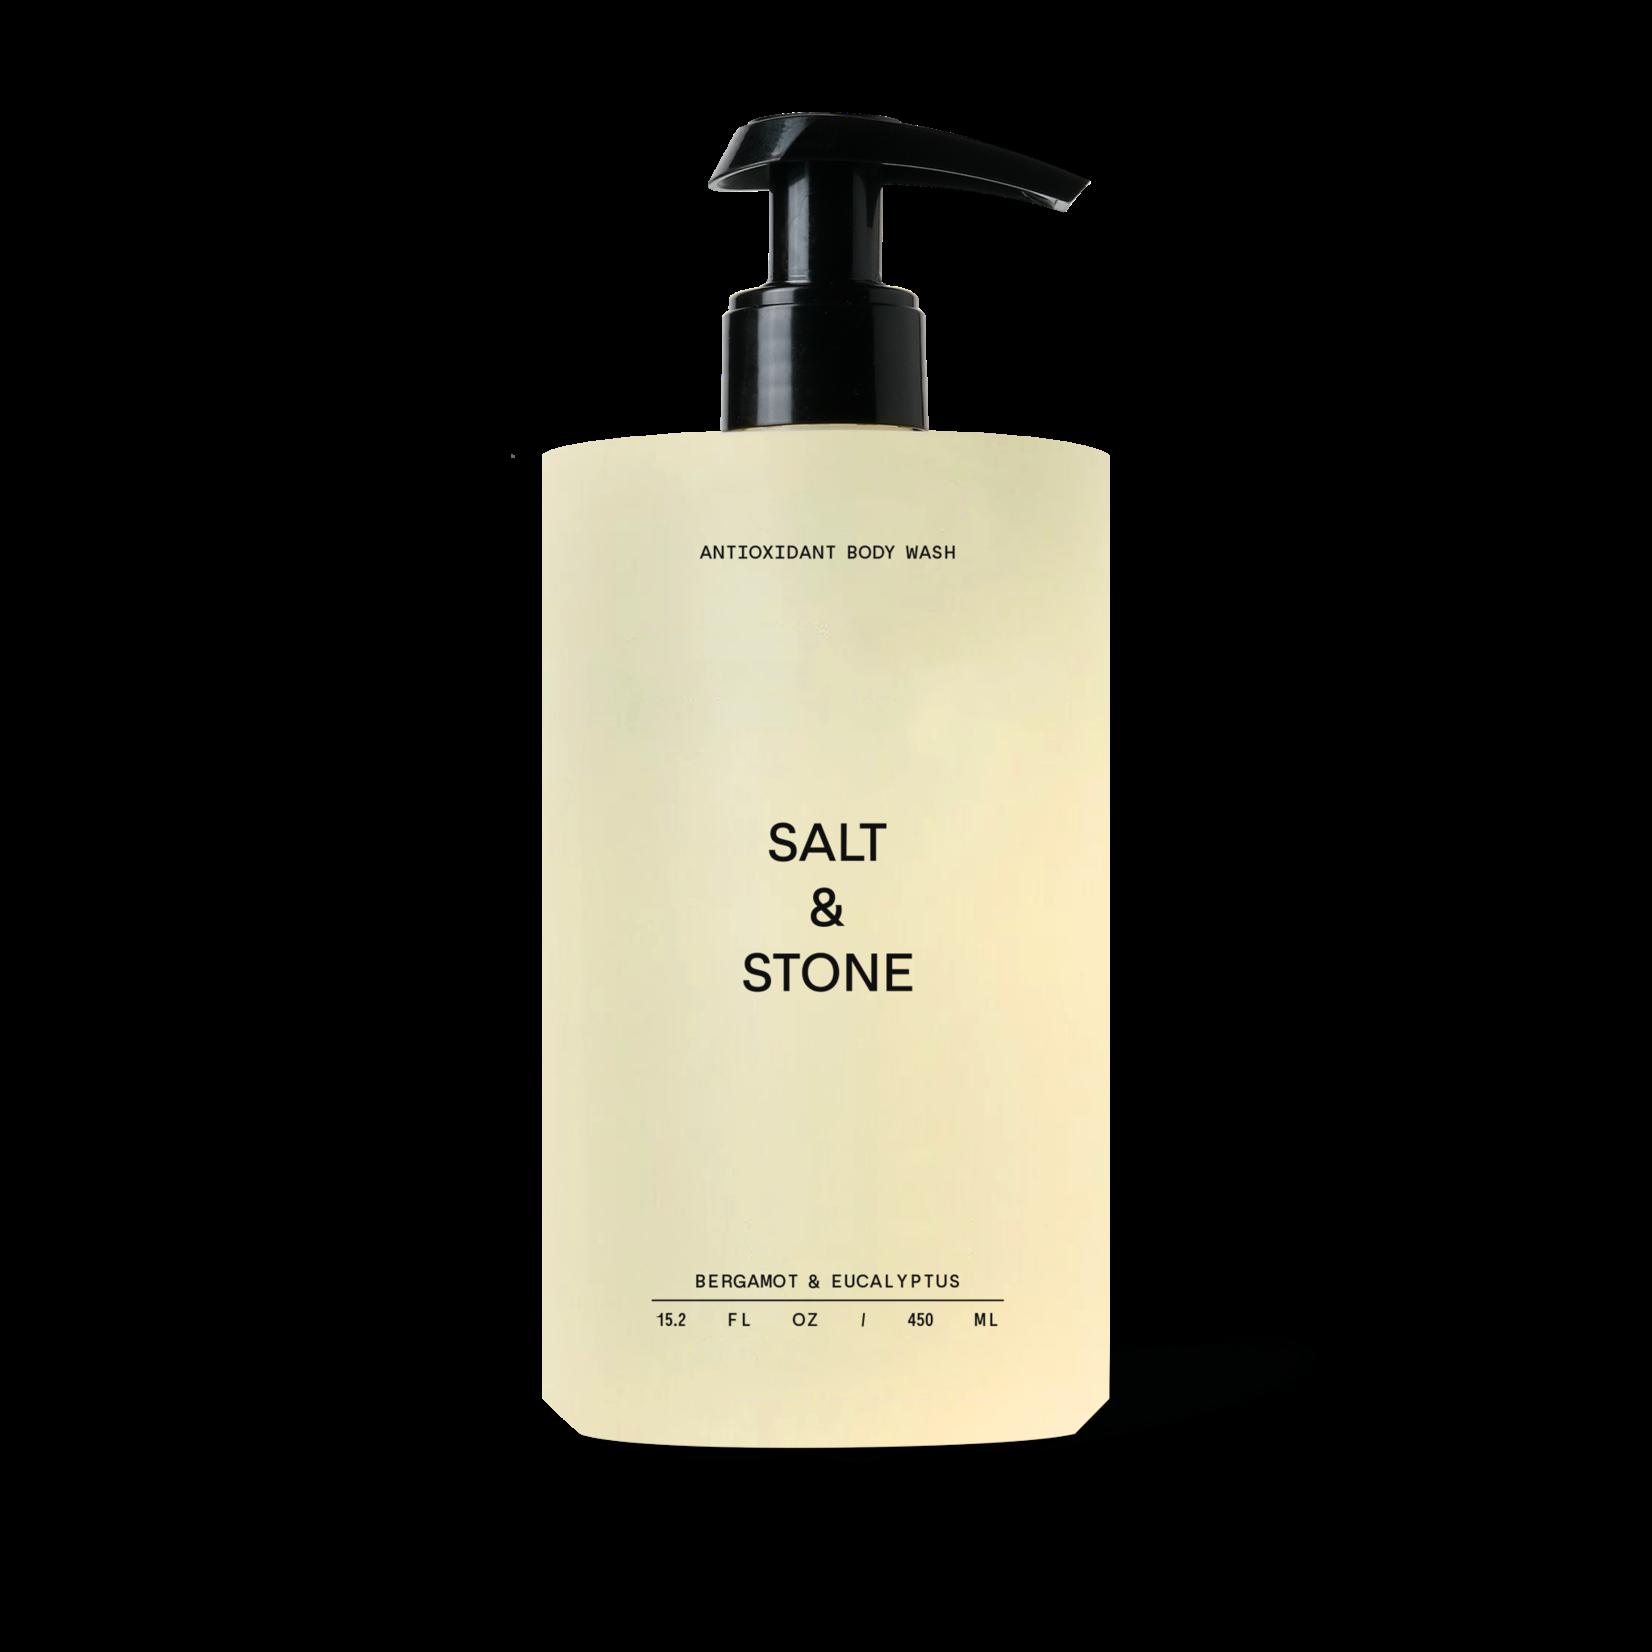 Salt & stone NETTOYANT POUR LE CORPS ANTIOXYDANT